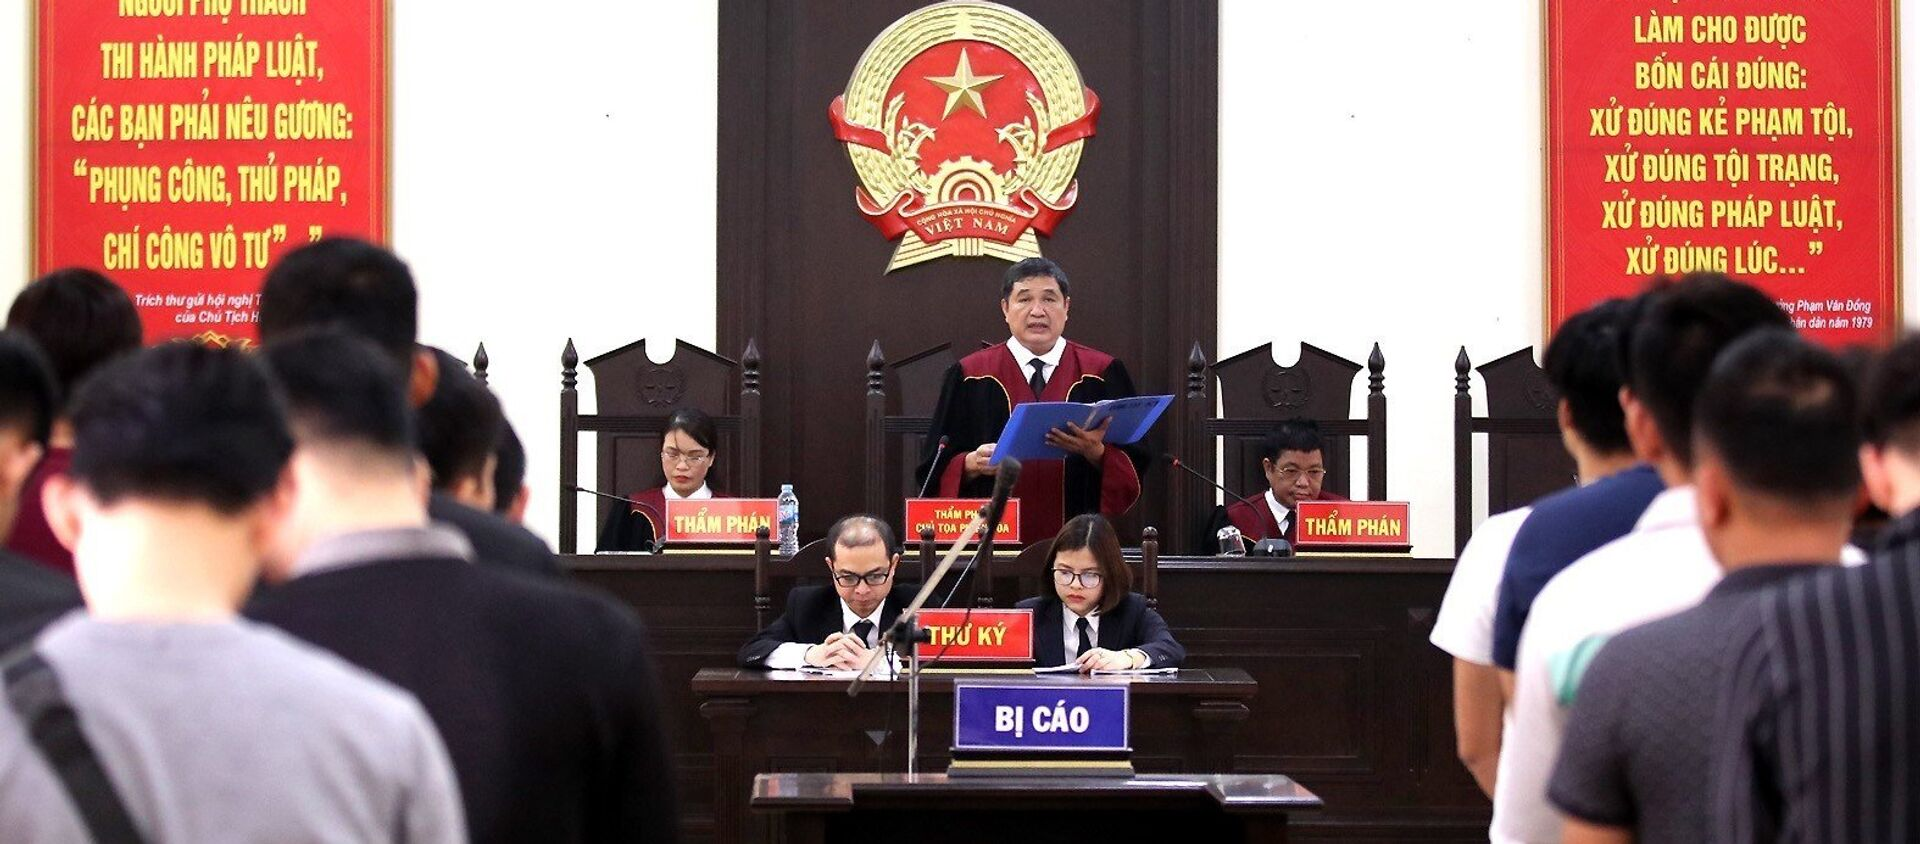 Thẩm phán, Chủ tọa phiên tòa Nguyễn Vinh Quang tuyên bản án phúc thẩm. - Sputnik Việt Nam, 1920, 12.03.2019